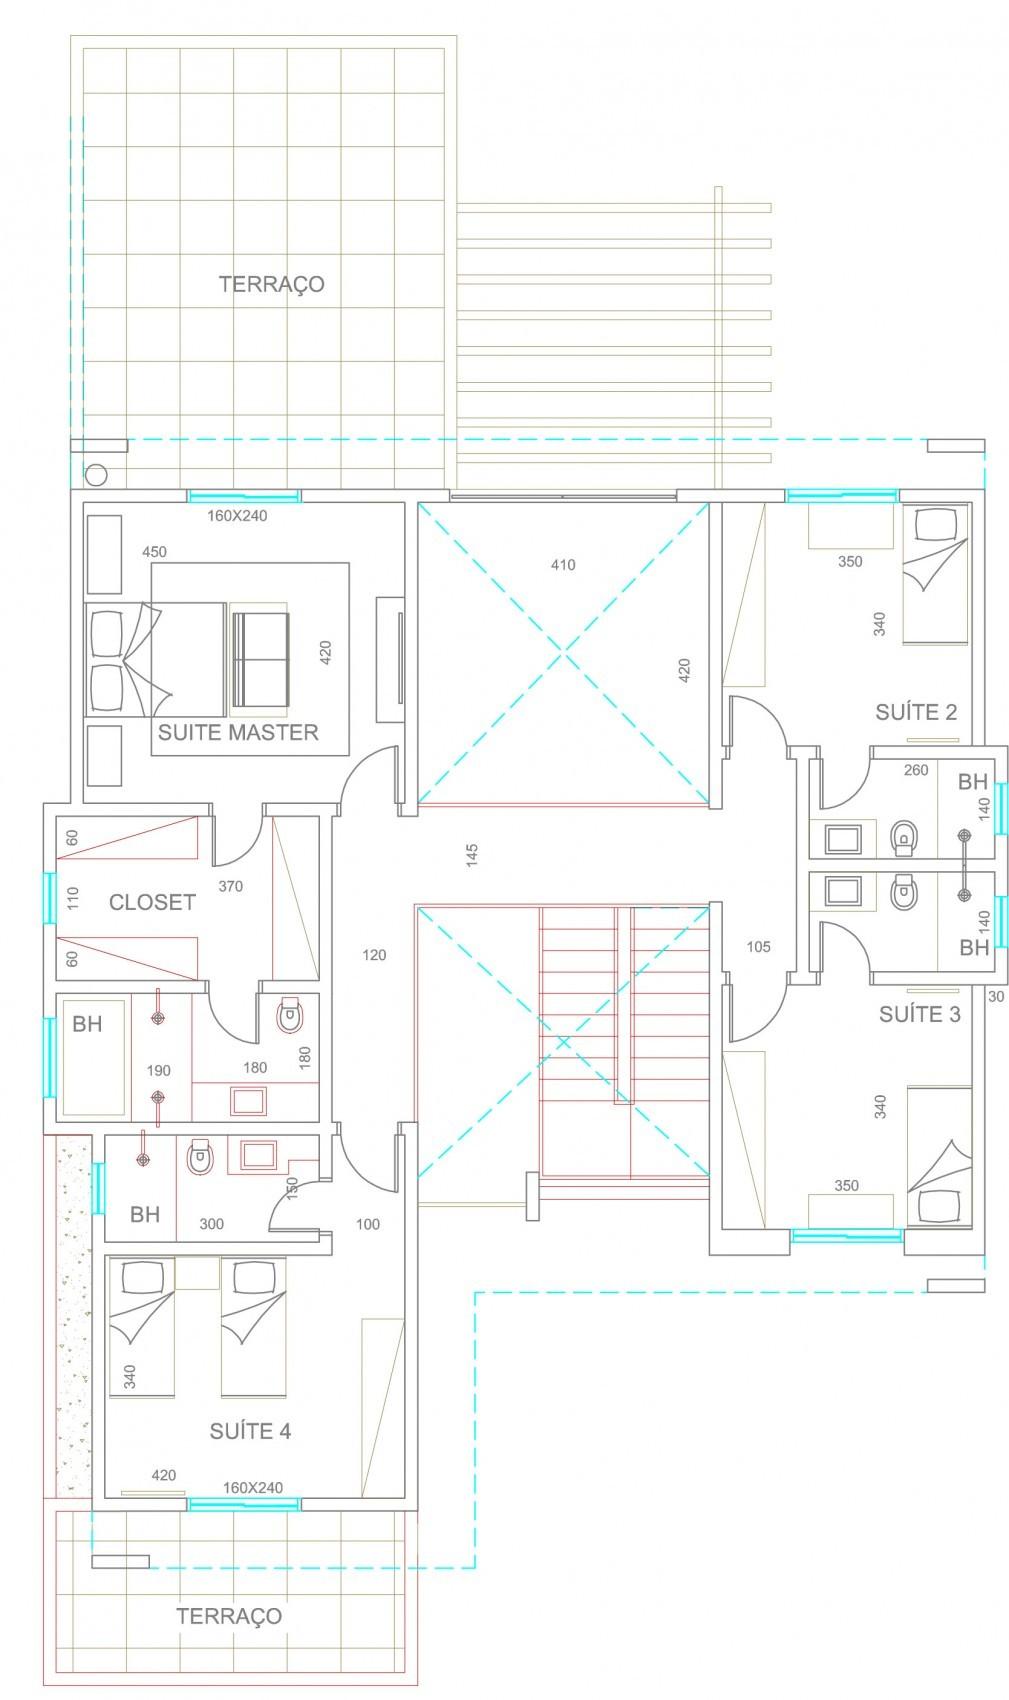 Mau Nha Dep 2 Tang 15018 Mẫu nhà đẹp 2 tầng hiện đại Residencia DF với nội thất tinh tế